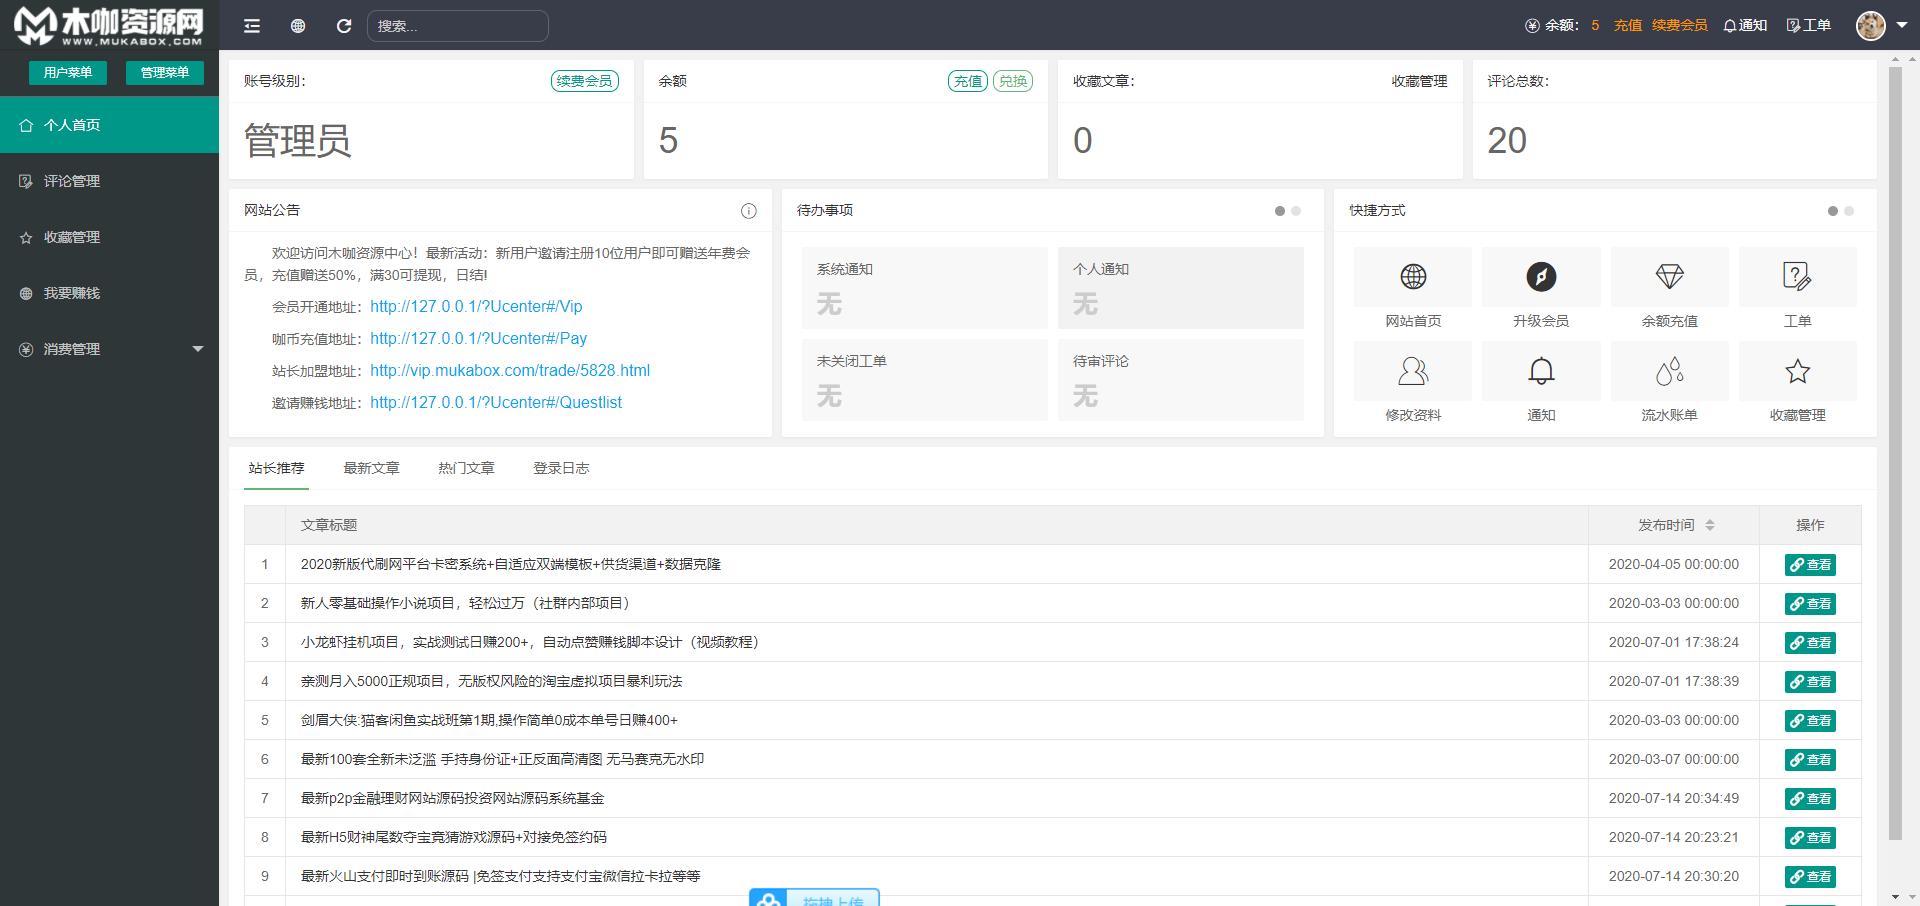 亲测丨Zblog仿木咖资源网PHP带数据含VIP精品资源整站源码下载